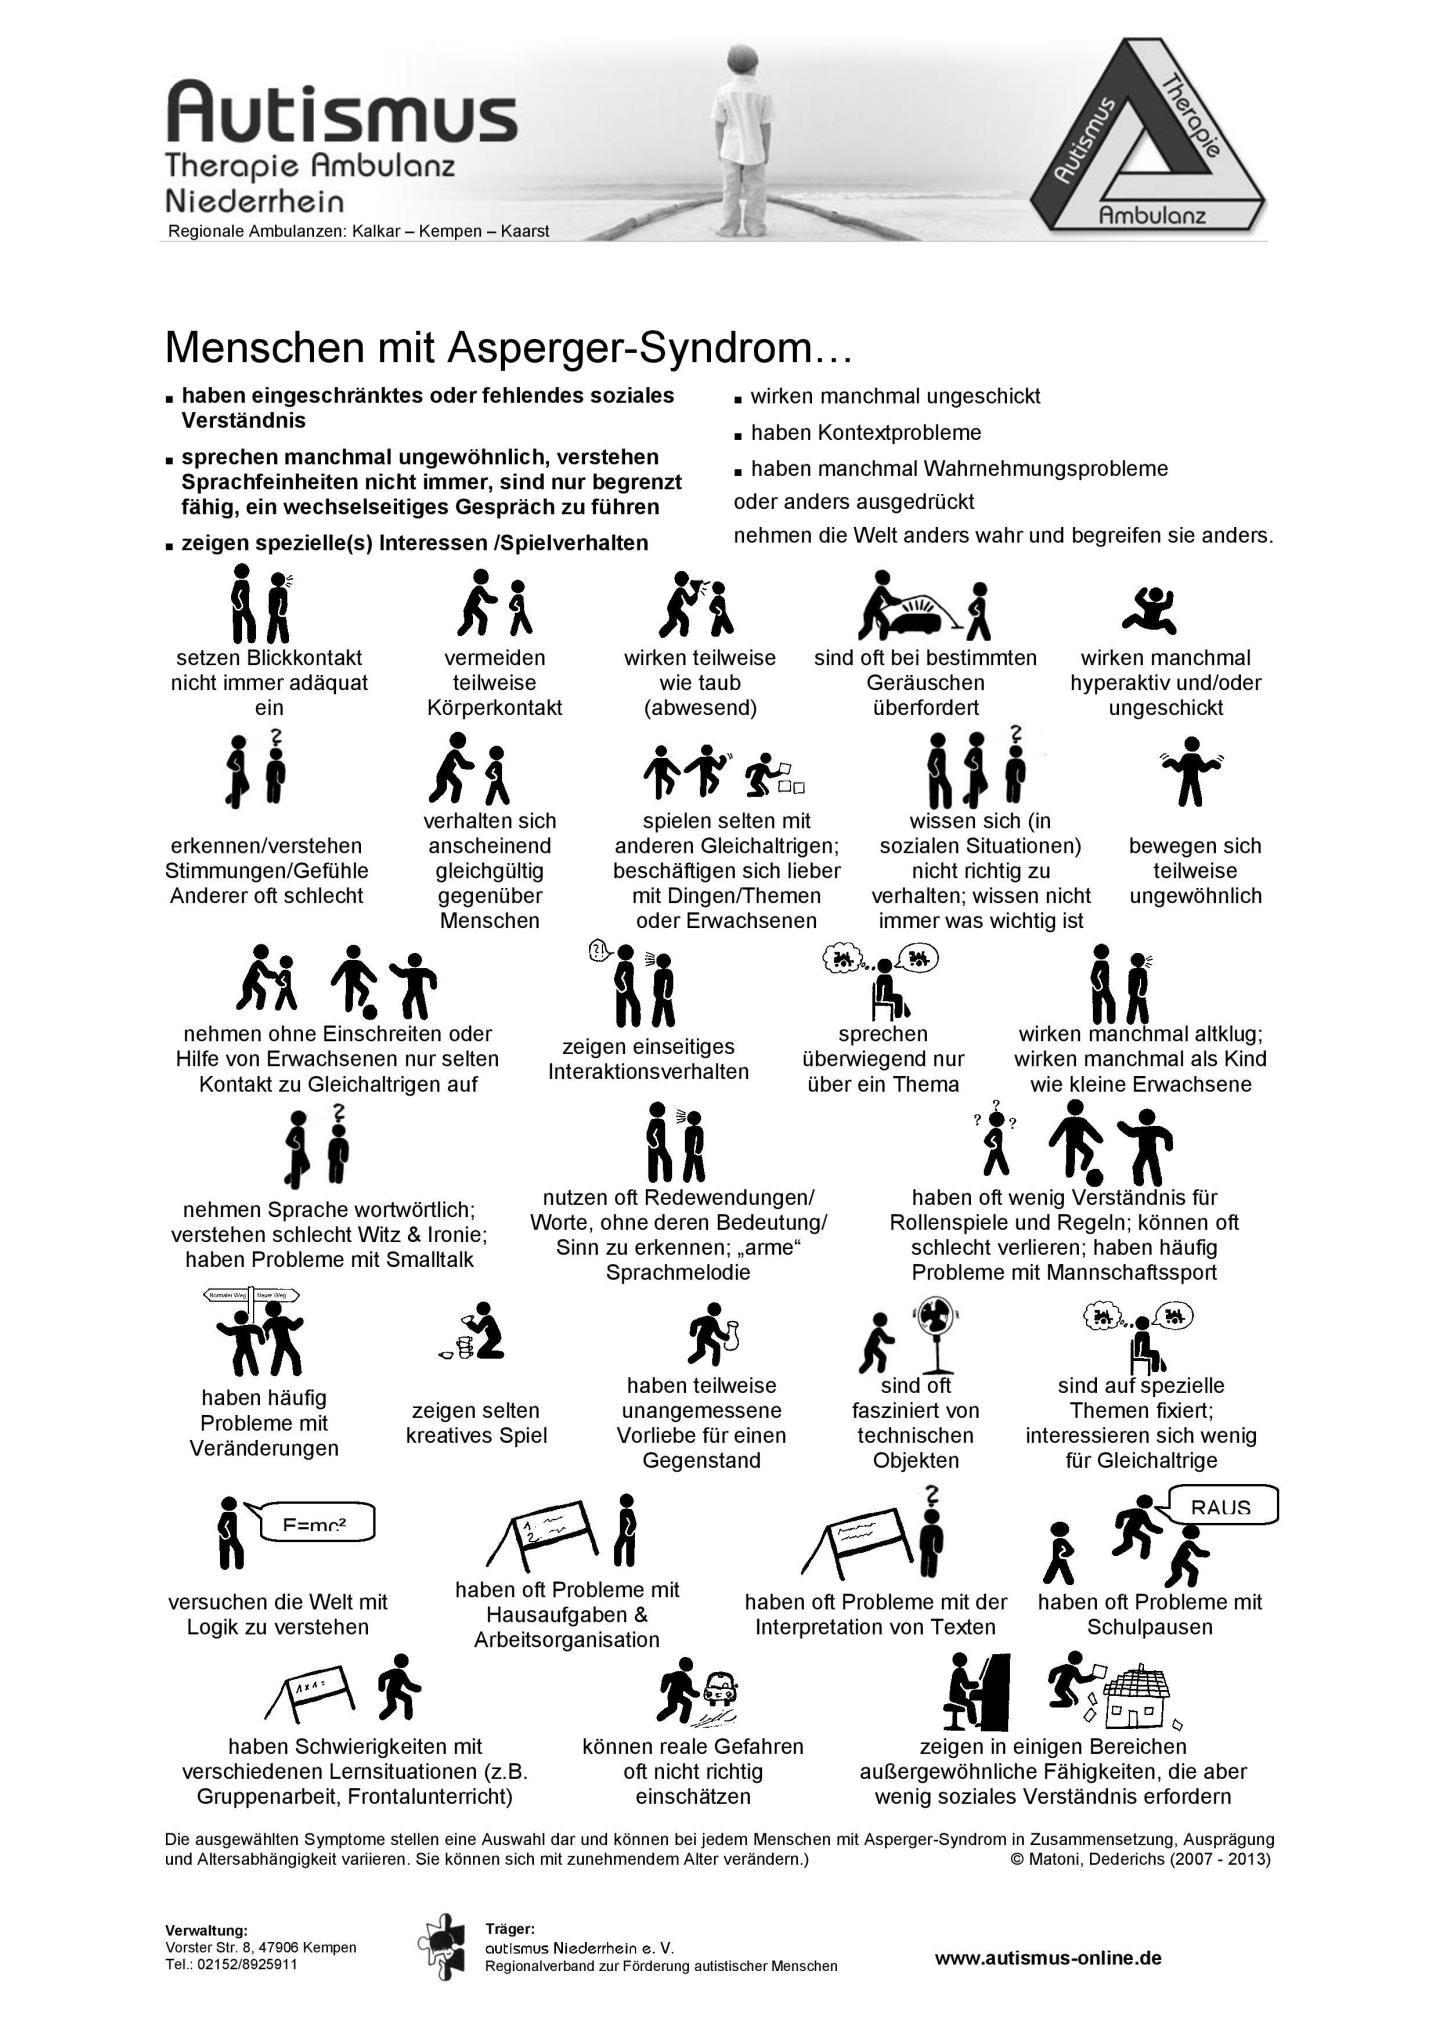 Erwachsene merkmale syndrom asperger Asperger